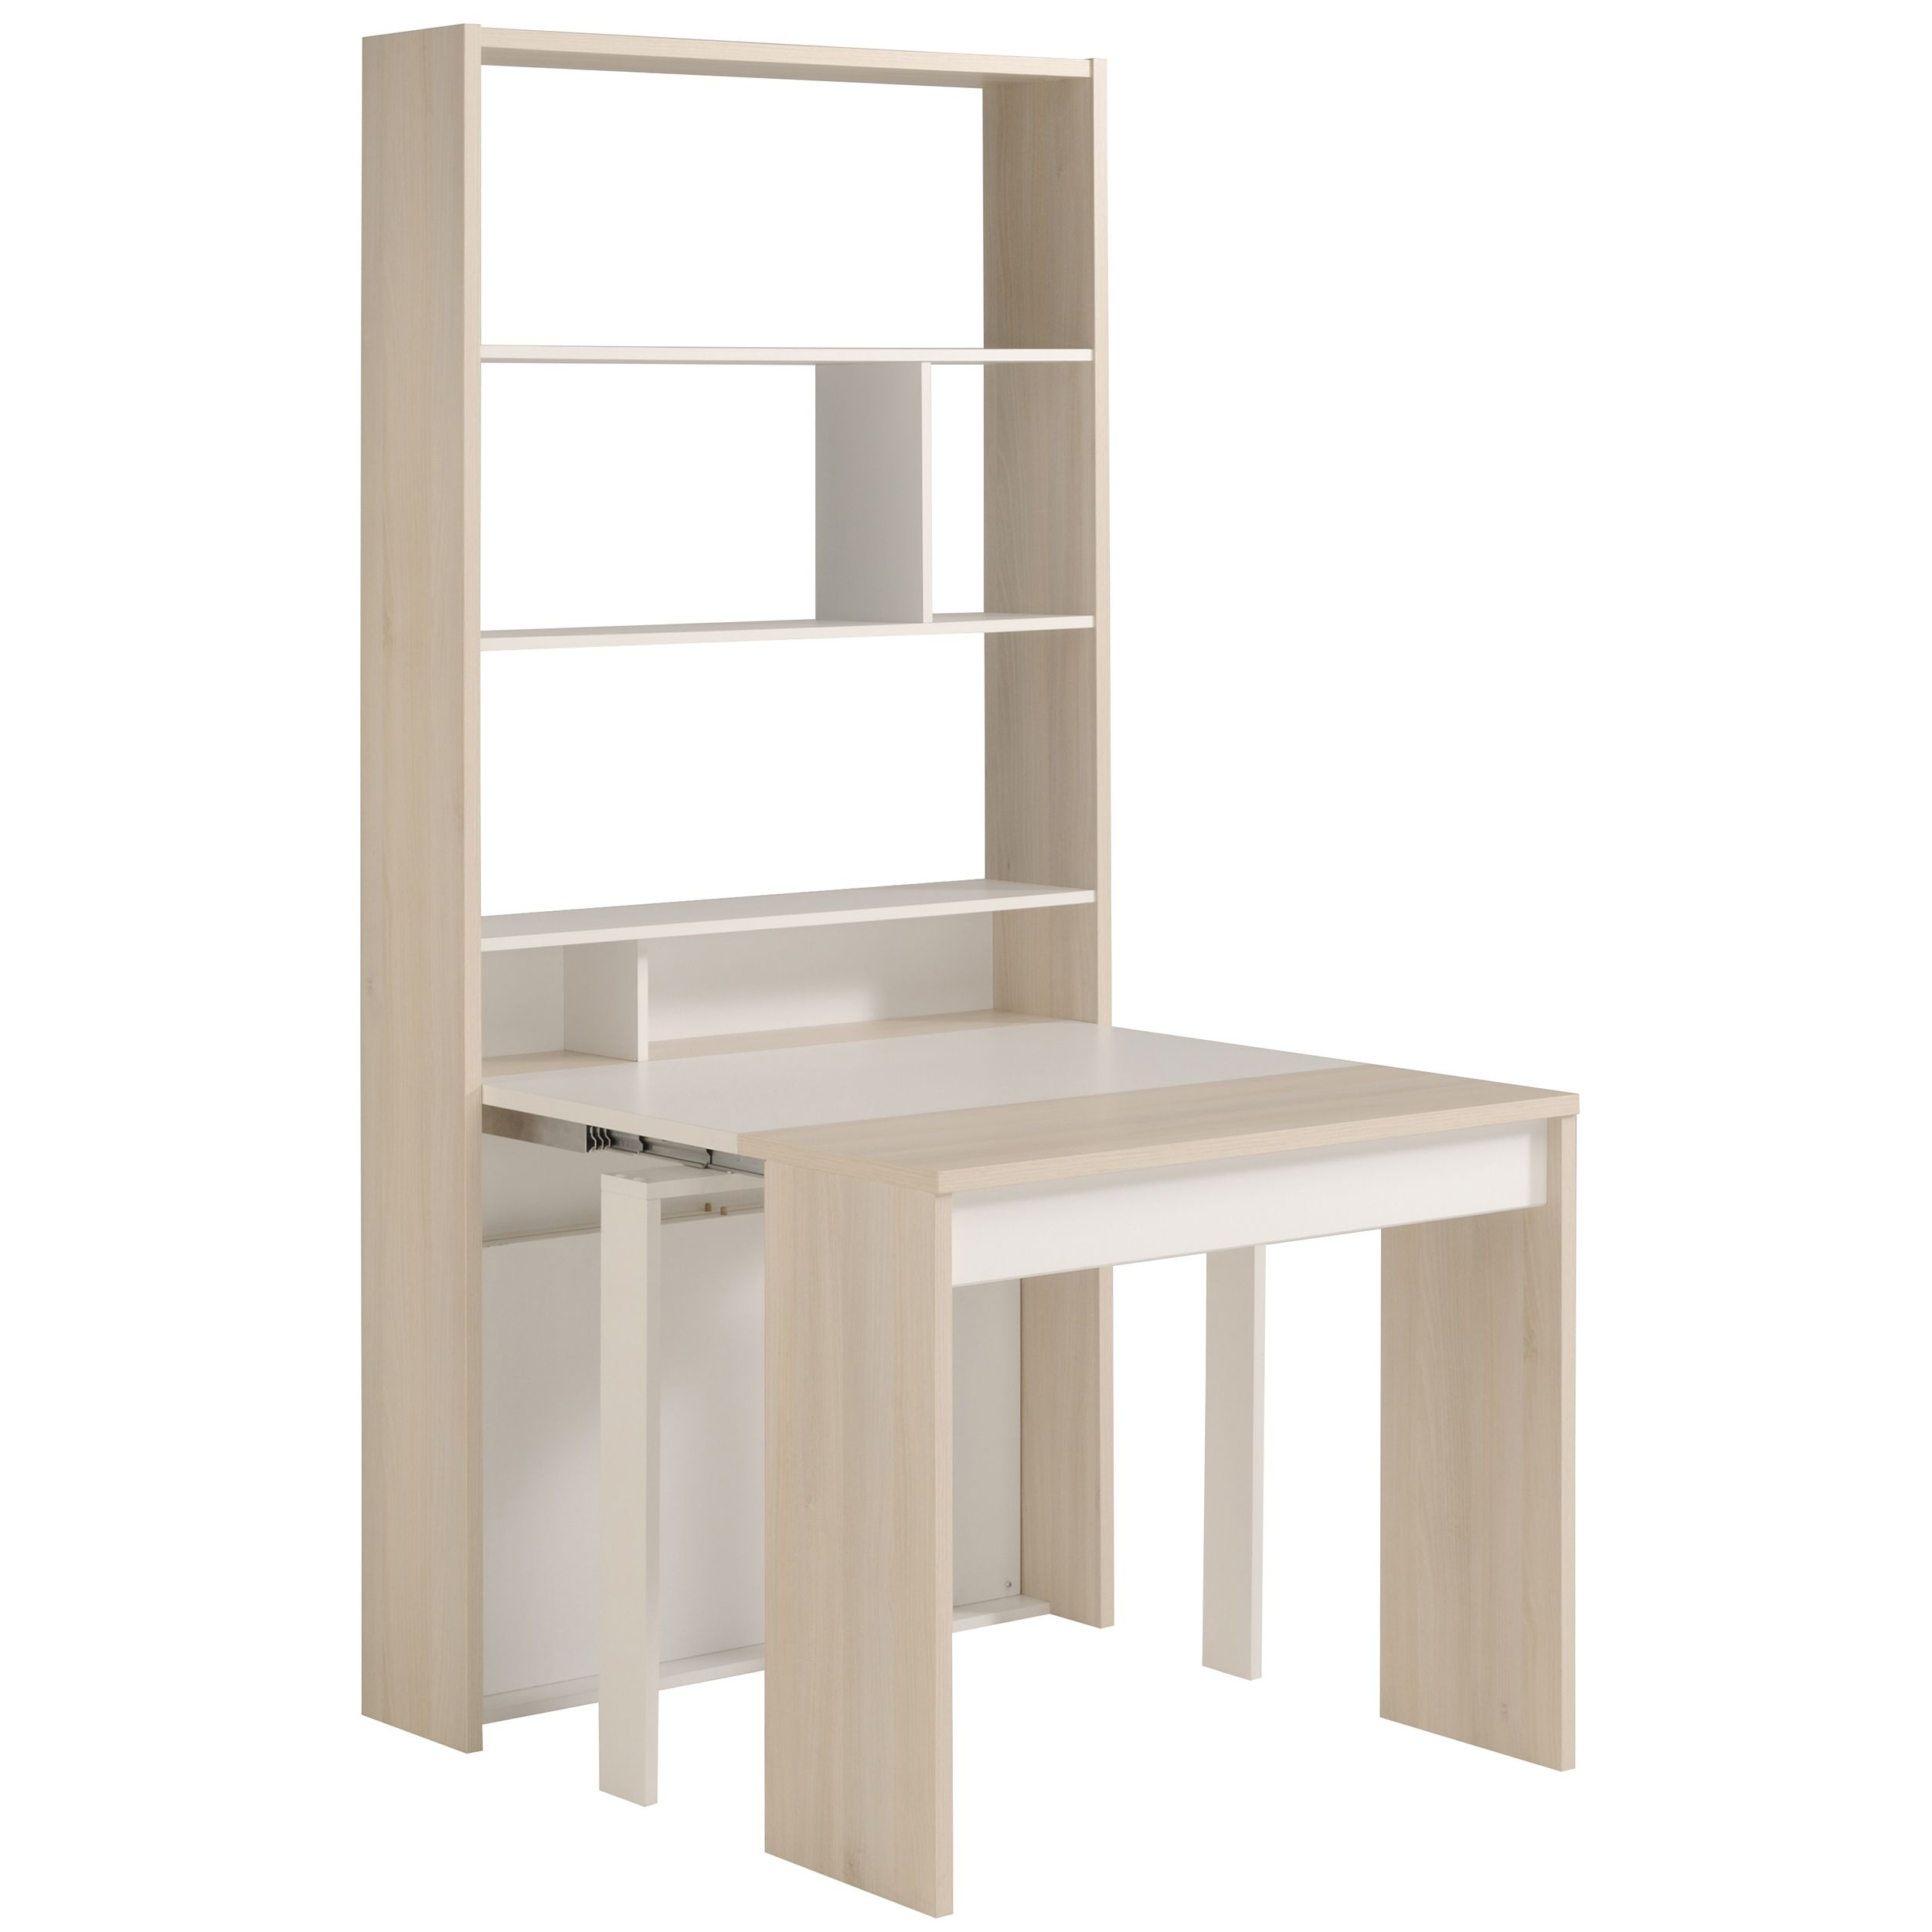 Full Size of Regal Tisch Kombination 15 Mit Kche Elegant Esstisch Industrial Massivholz Runder Offenes Weiß Esstischstühle Betonplatte Schräge Kolonialstil Designer Regal Regal Tisch Kombination